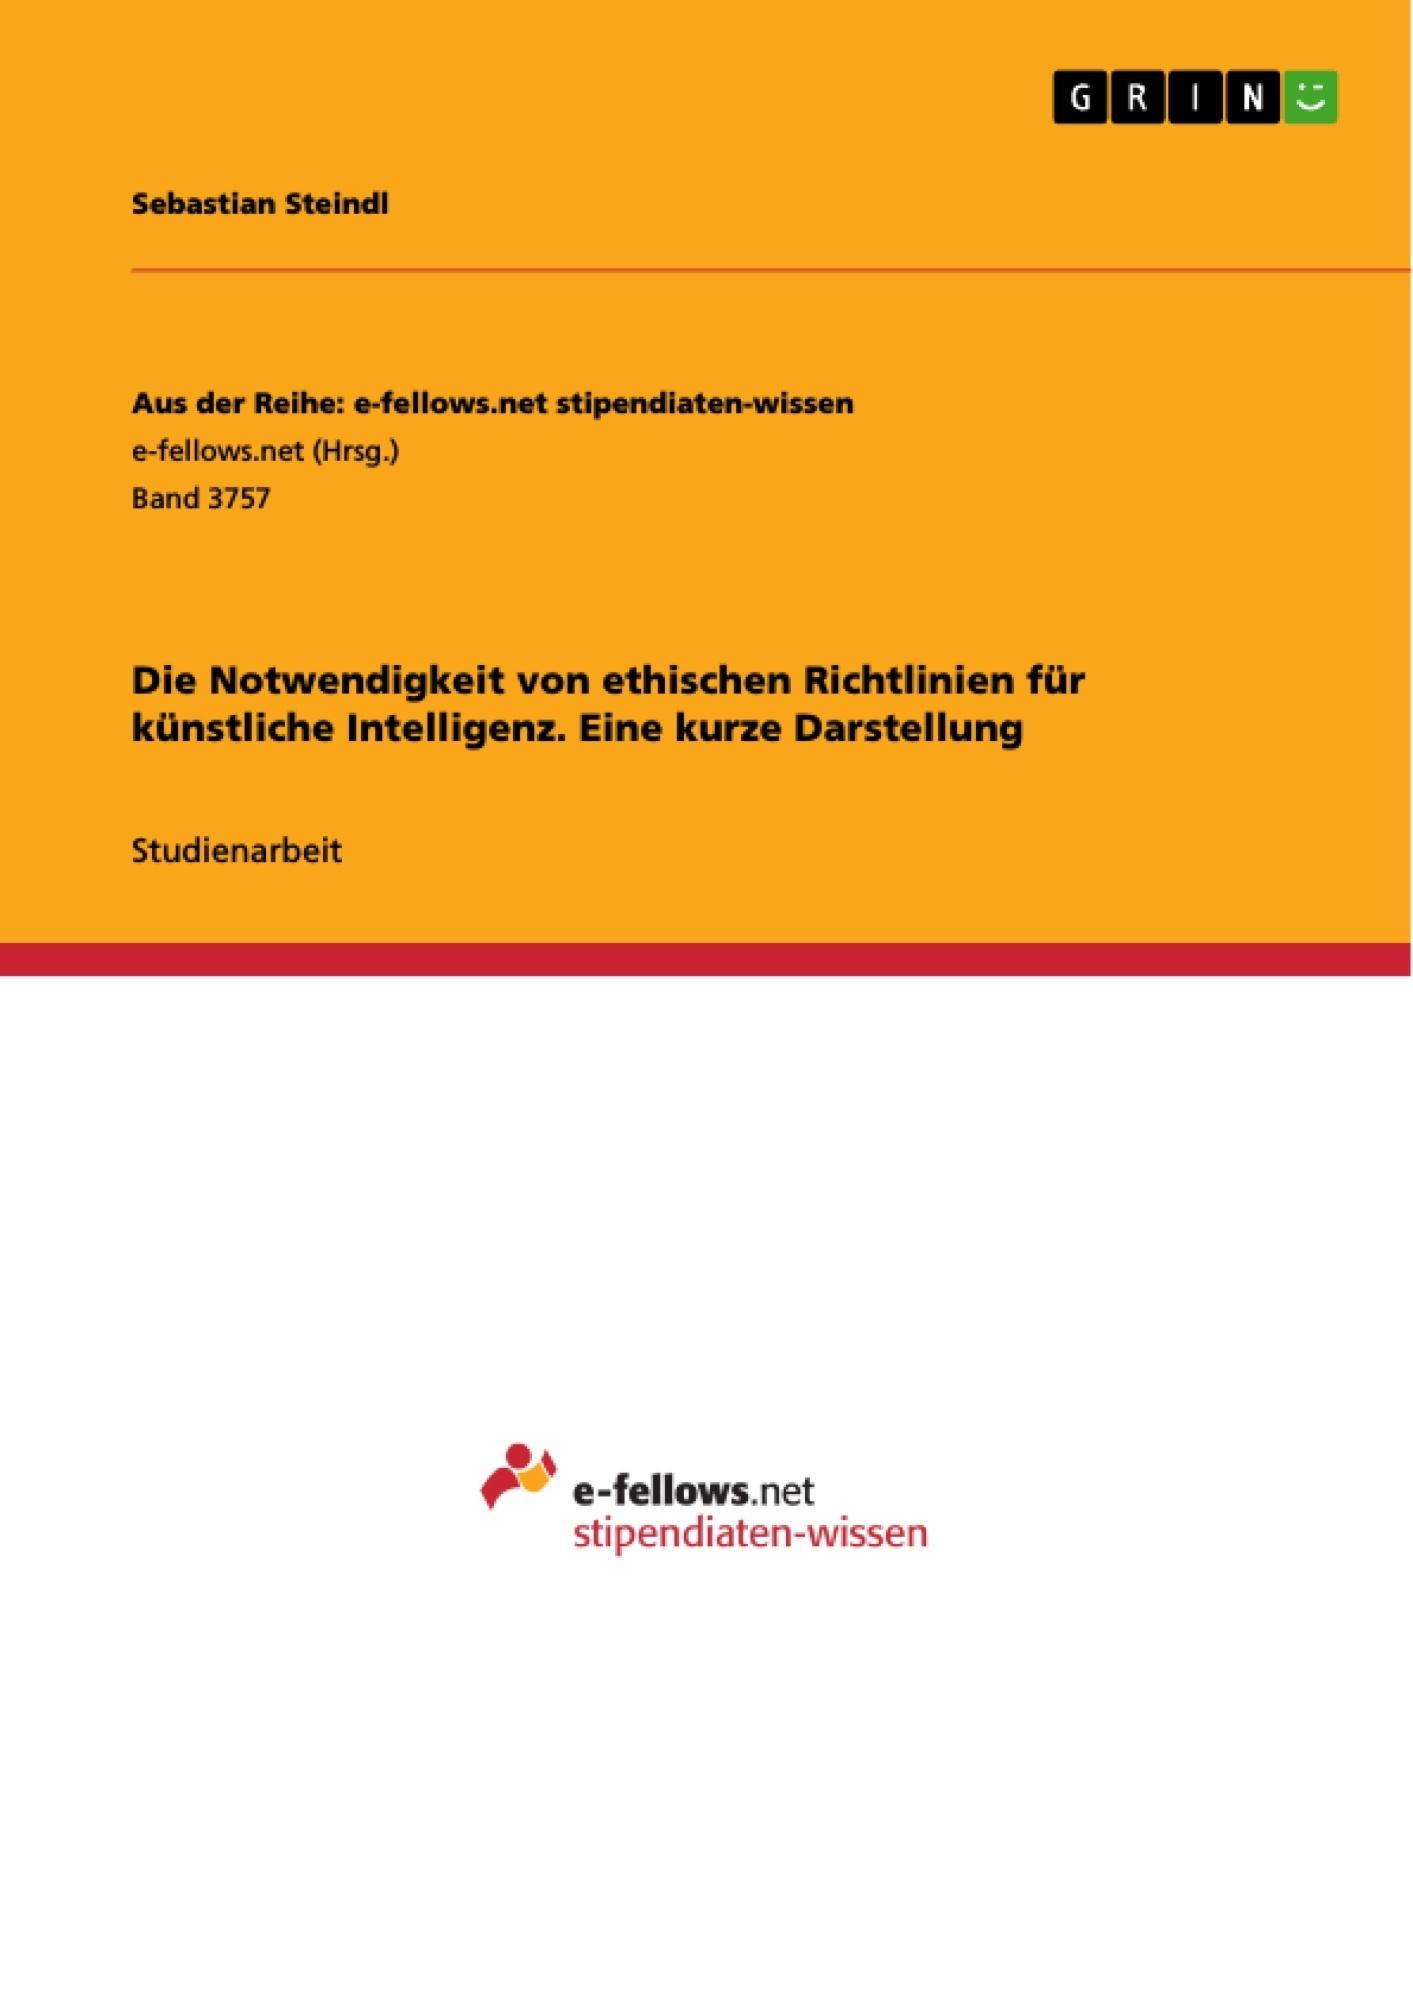 Titel: Die Notwendigkeit von ethischen Richtlinien für künstliche Intelligenz. Eine kurze Darstellung